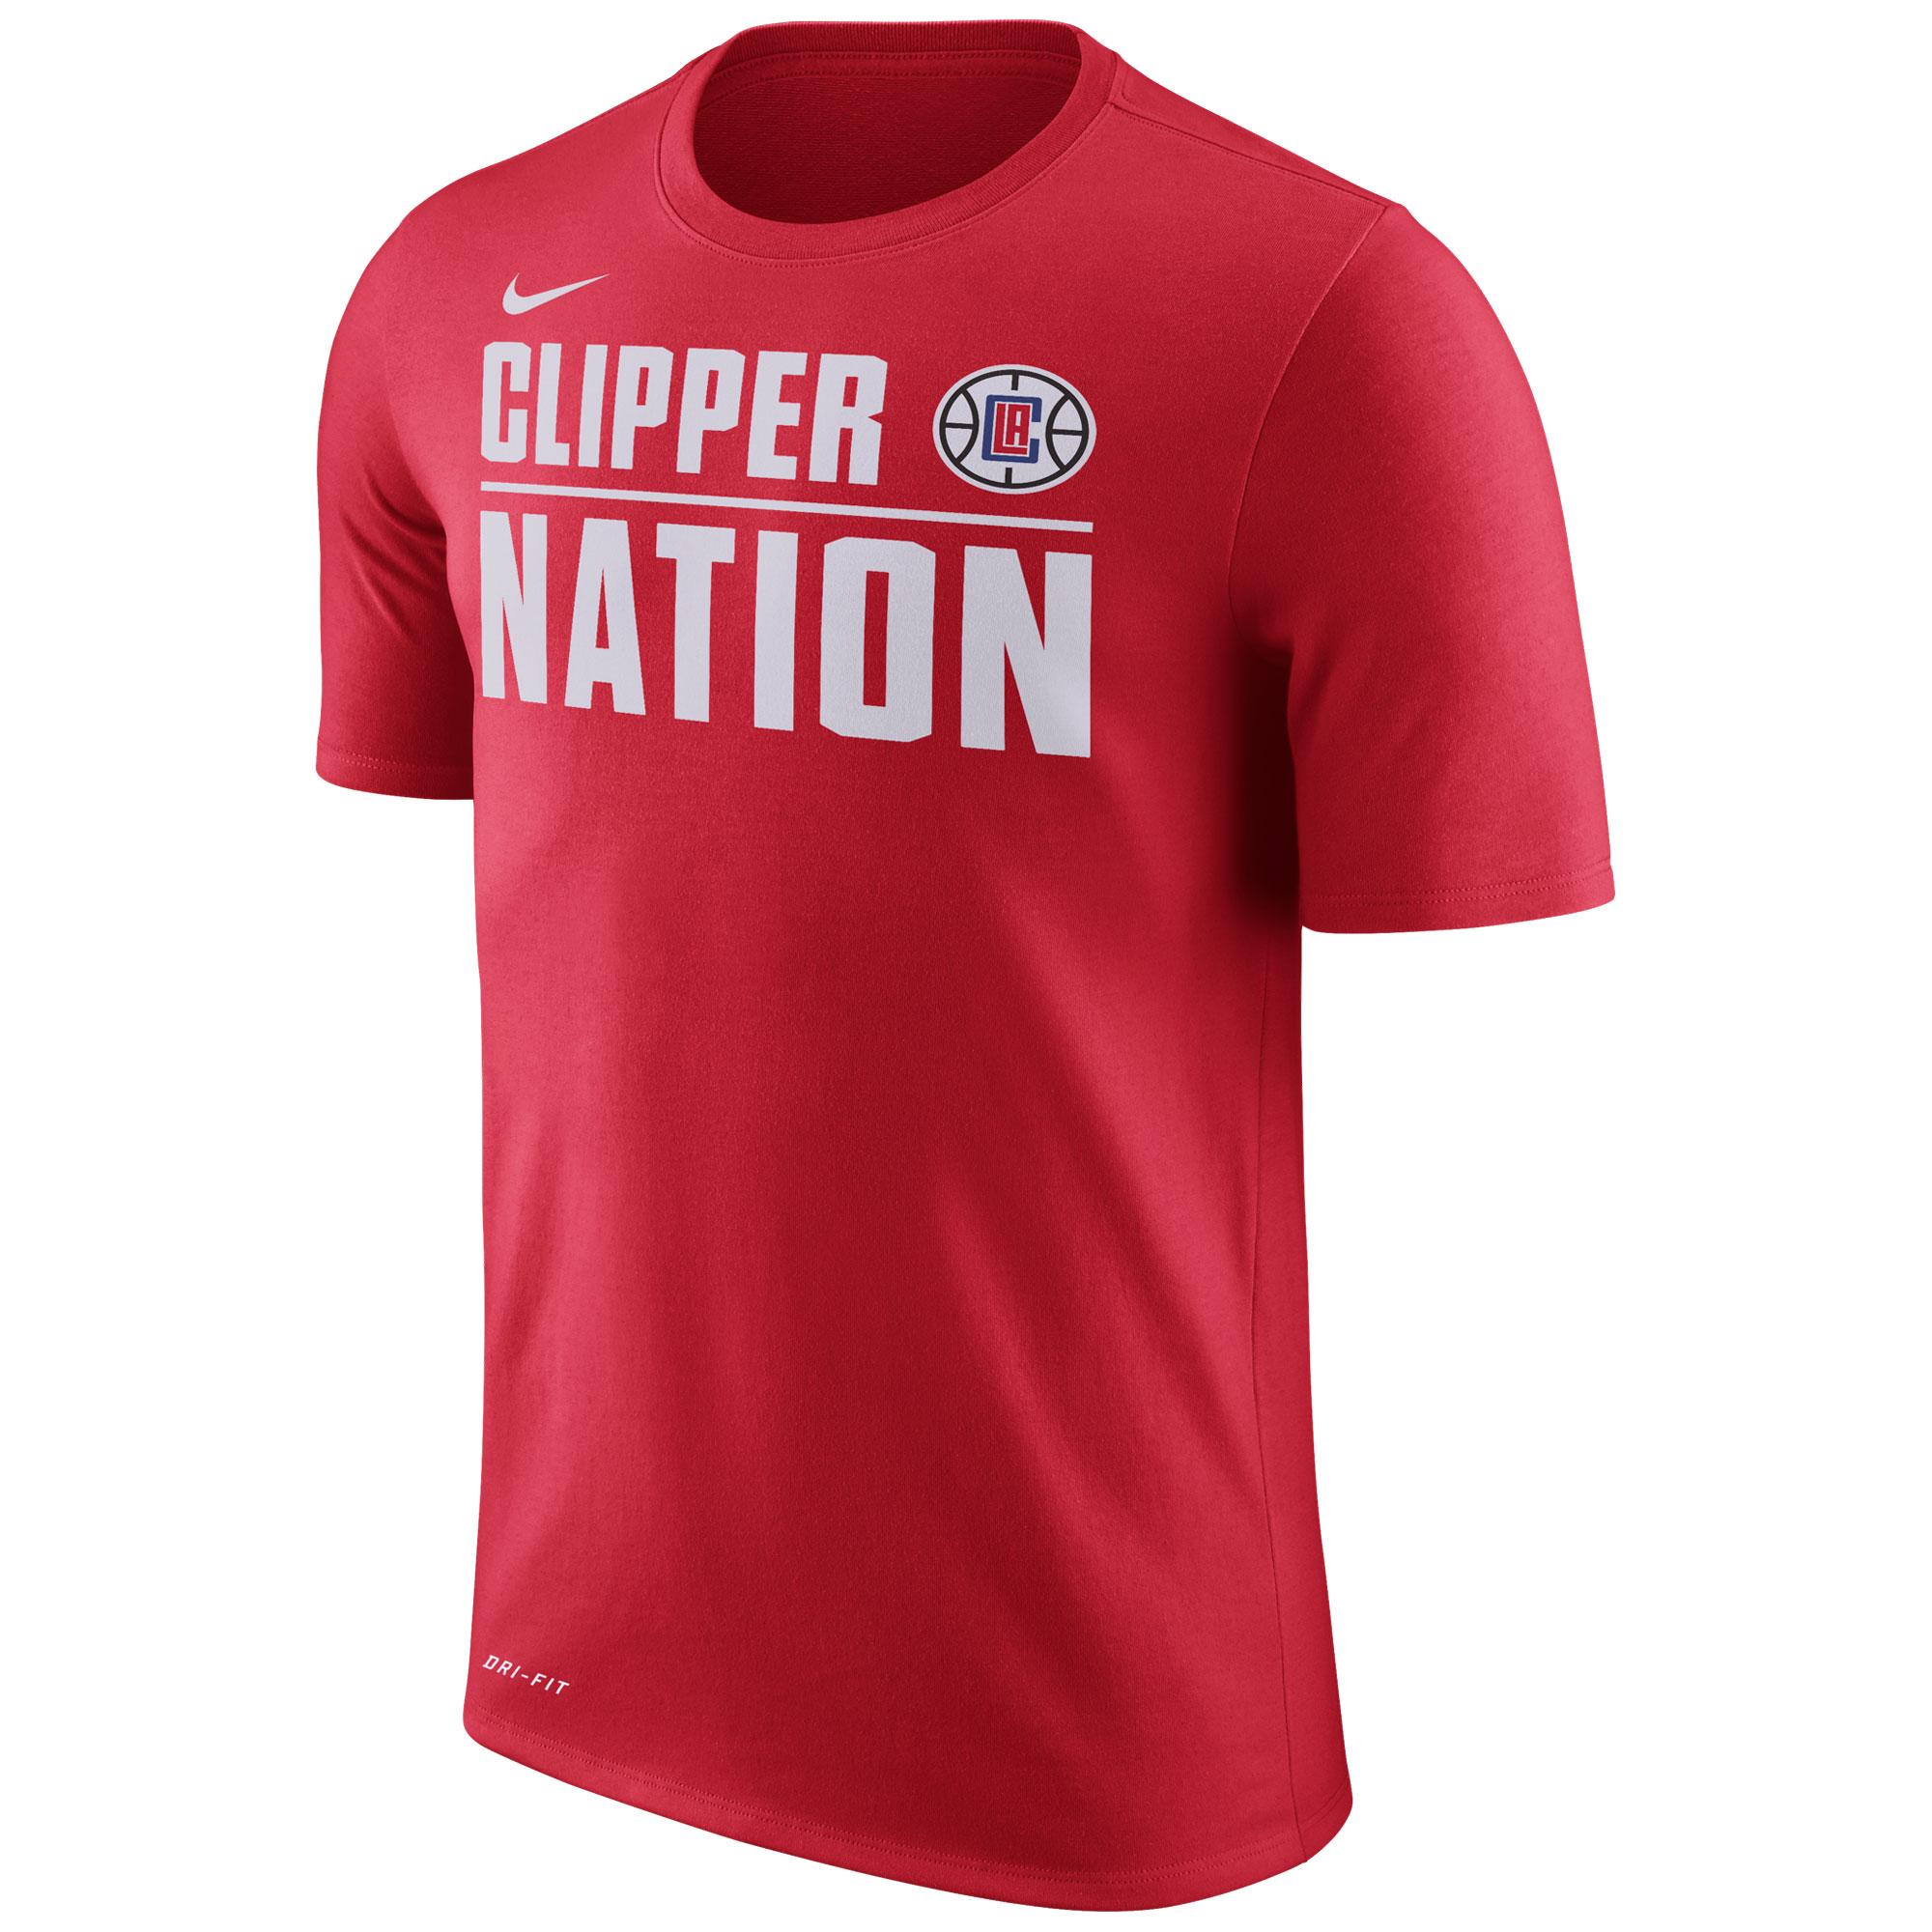 Los Angeles Clippers Nike Verbiage  Camiseta de la NBA - University Rojo - Hombre